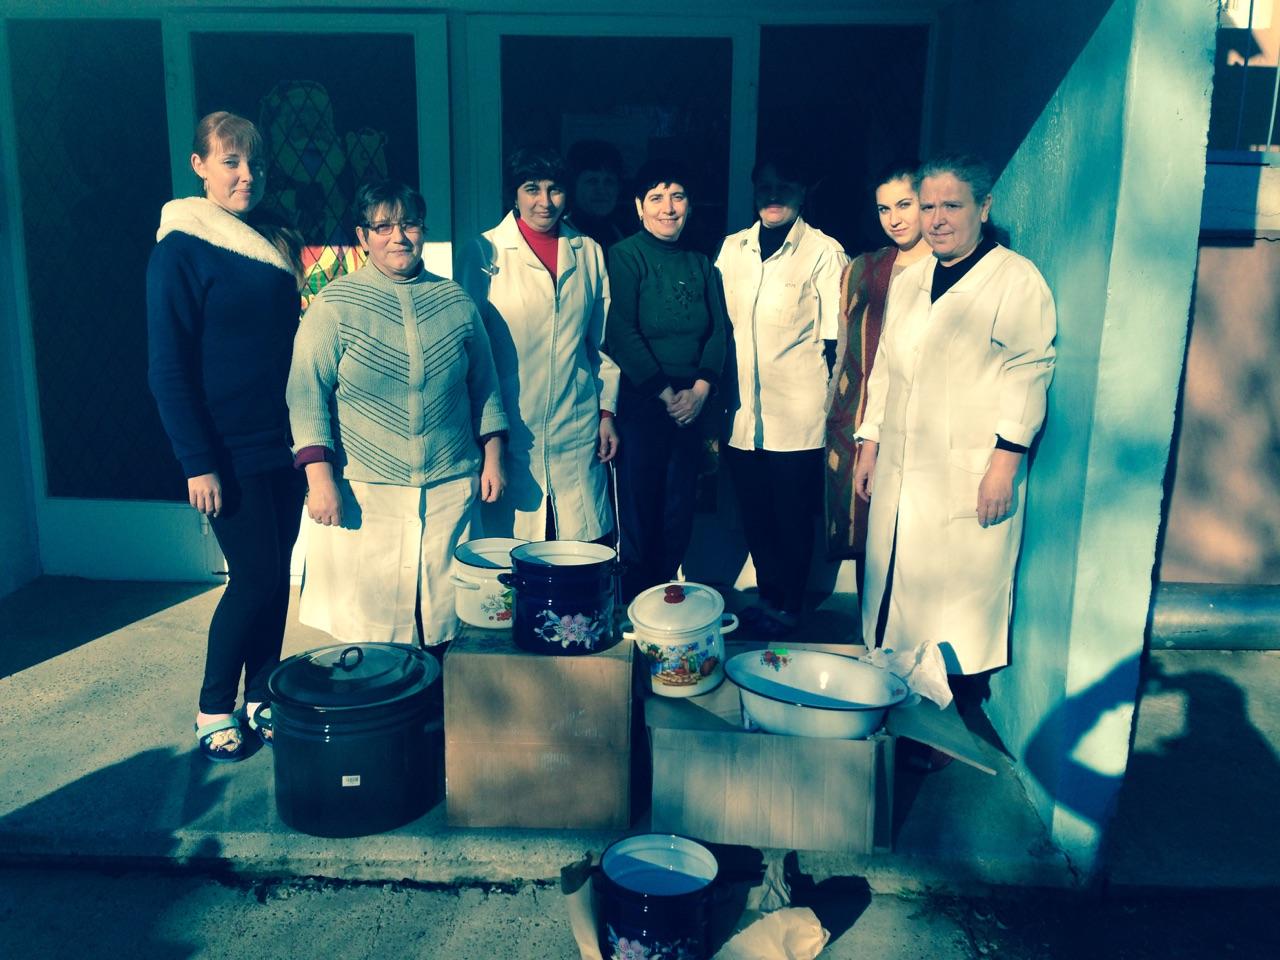 Детсаду в селе Новосельское Ренийского района остро не хватало кухонной утвари